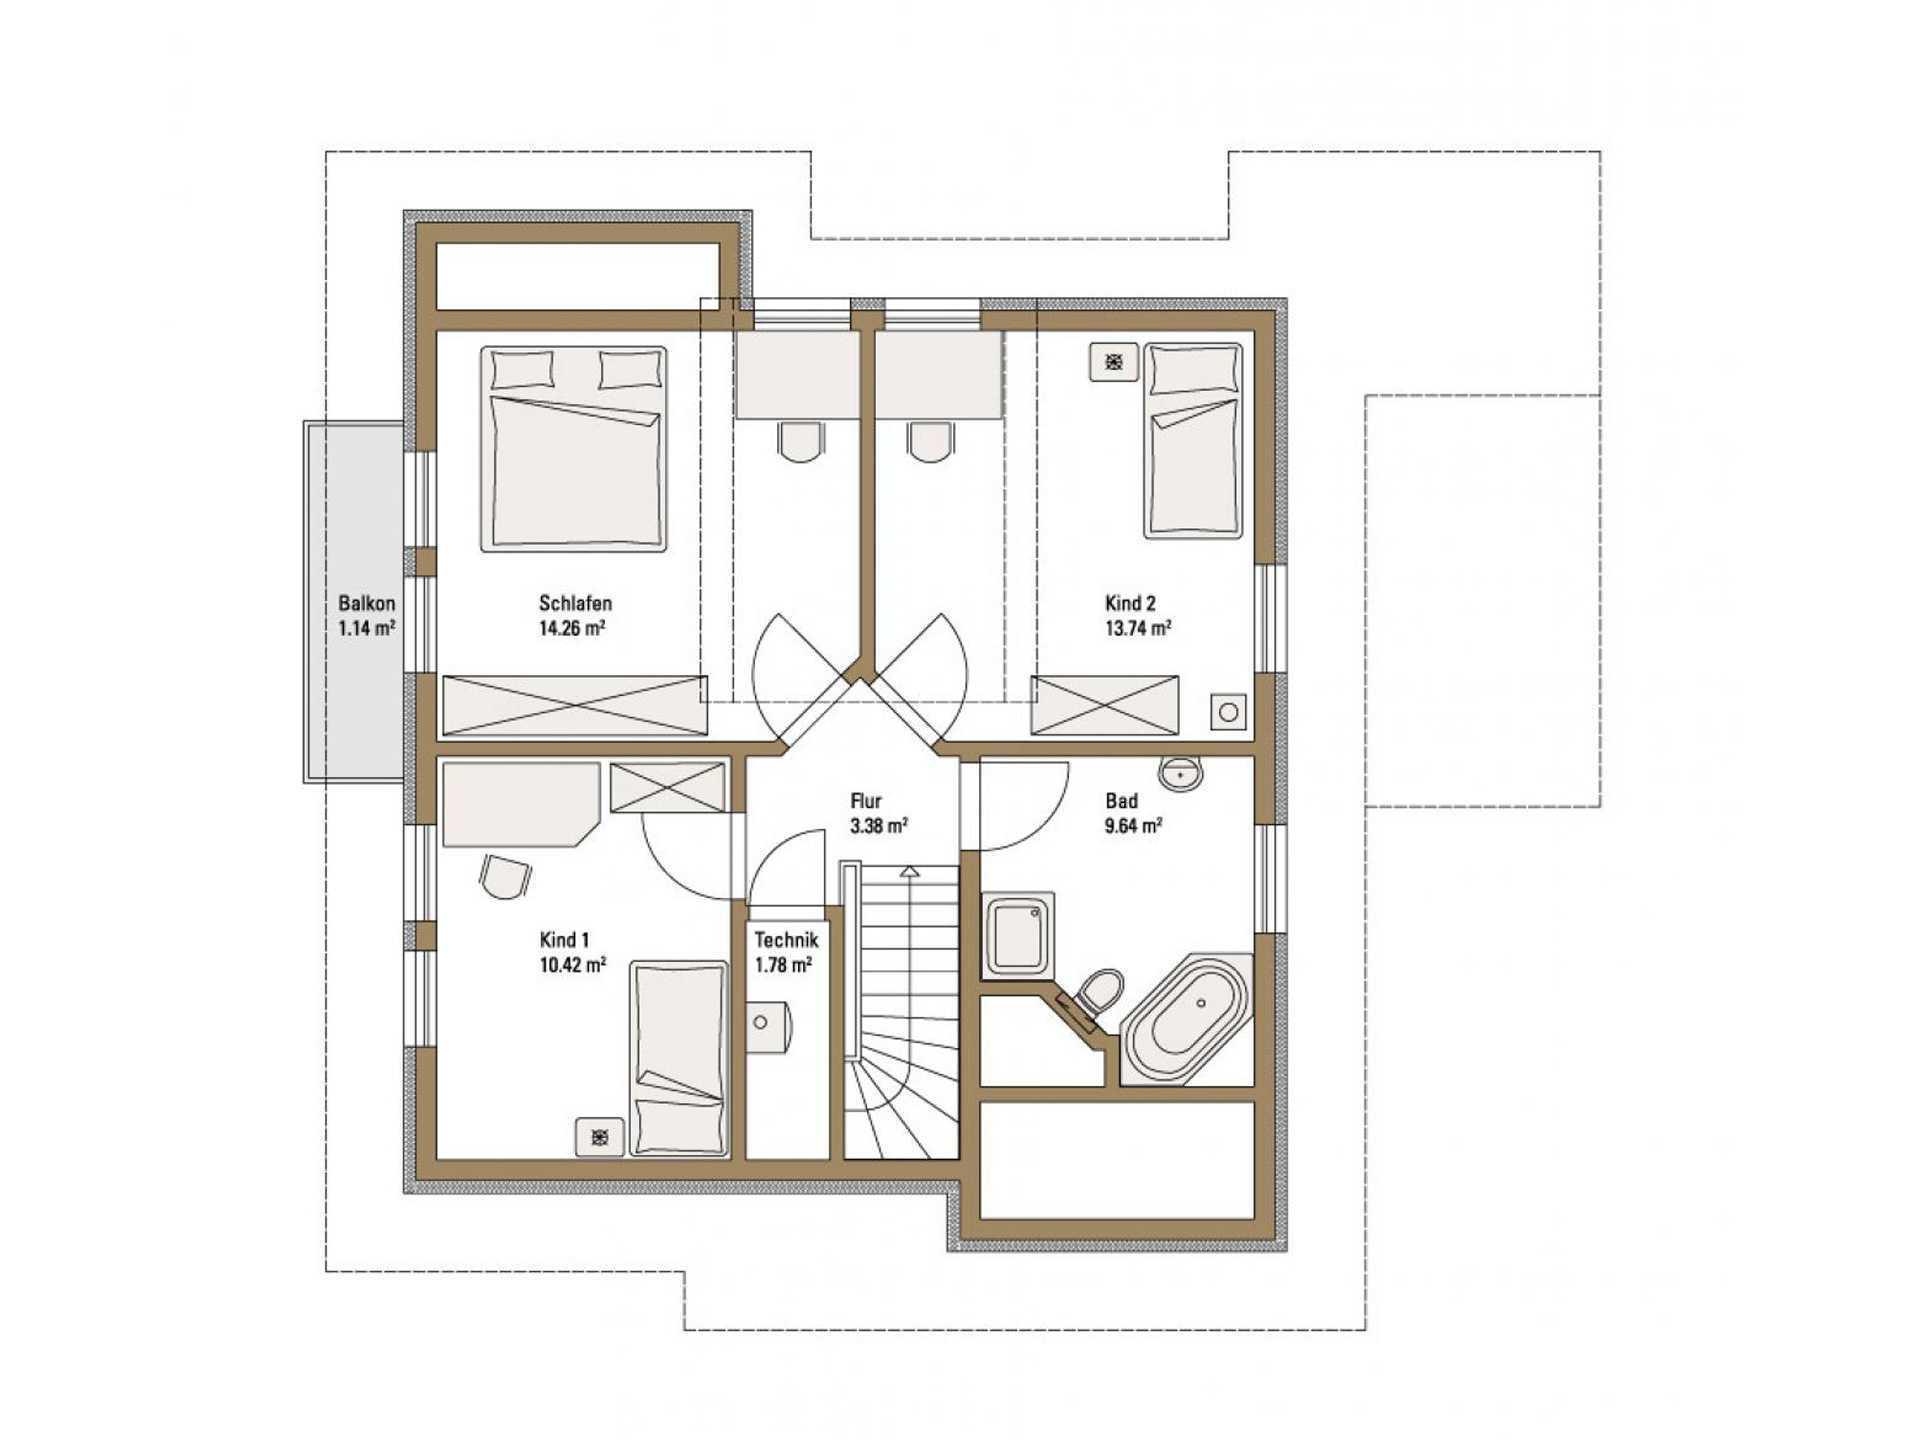 baufirma mannheim good die ausbildung erfolgt im der und. Black Bedroom Furniture Sets. Home Design Ideas